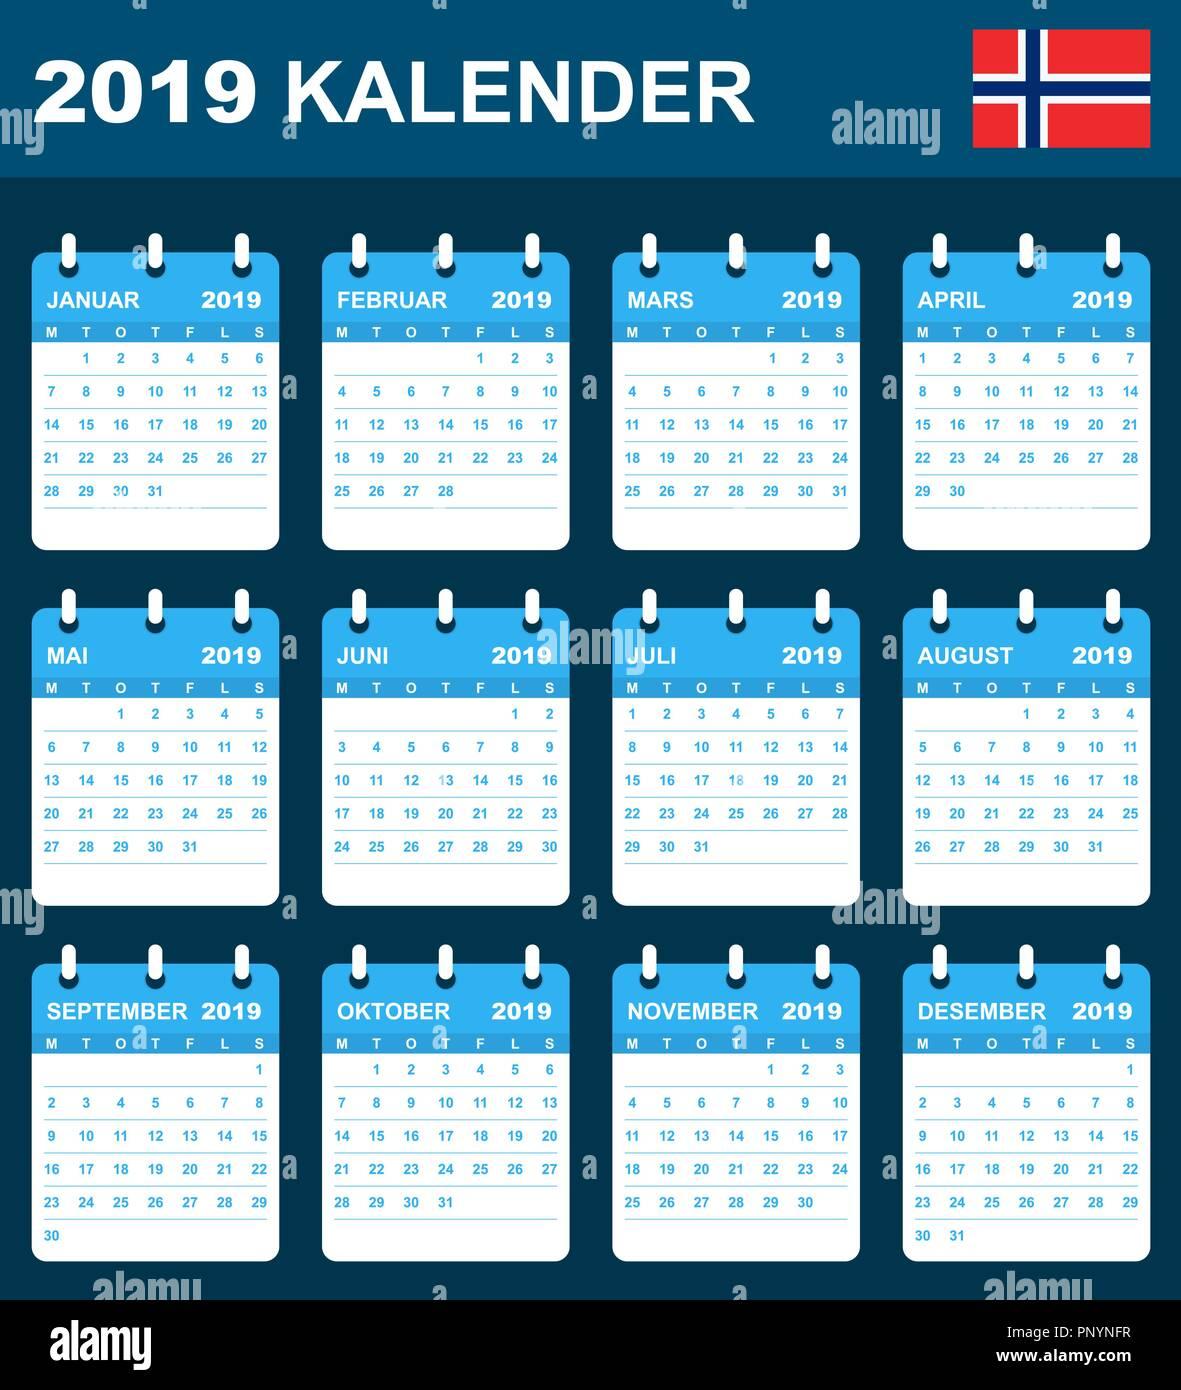 Nfr Calendar.Norwegian Calendar For 2019 Scheduler Agenda Or Diary Template